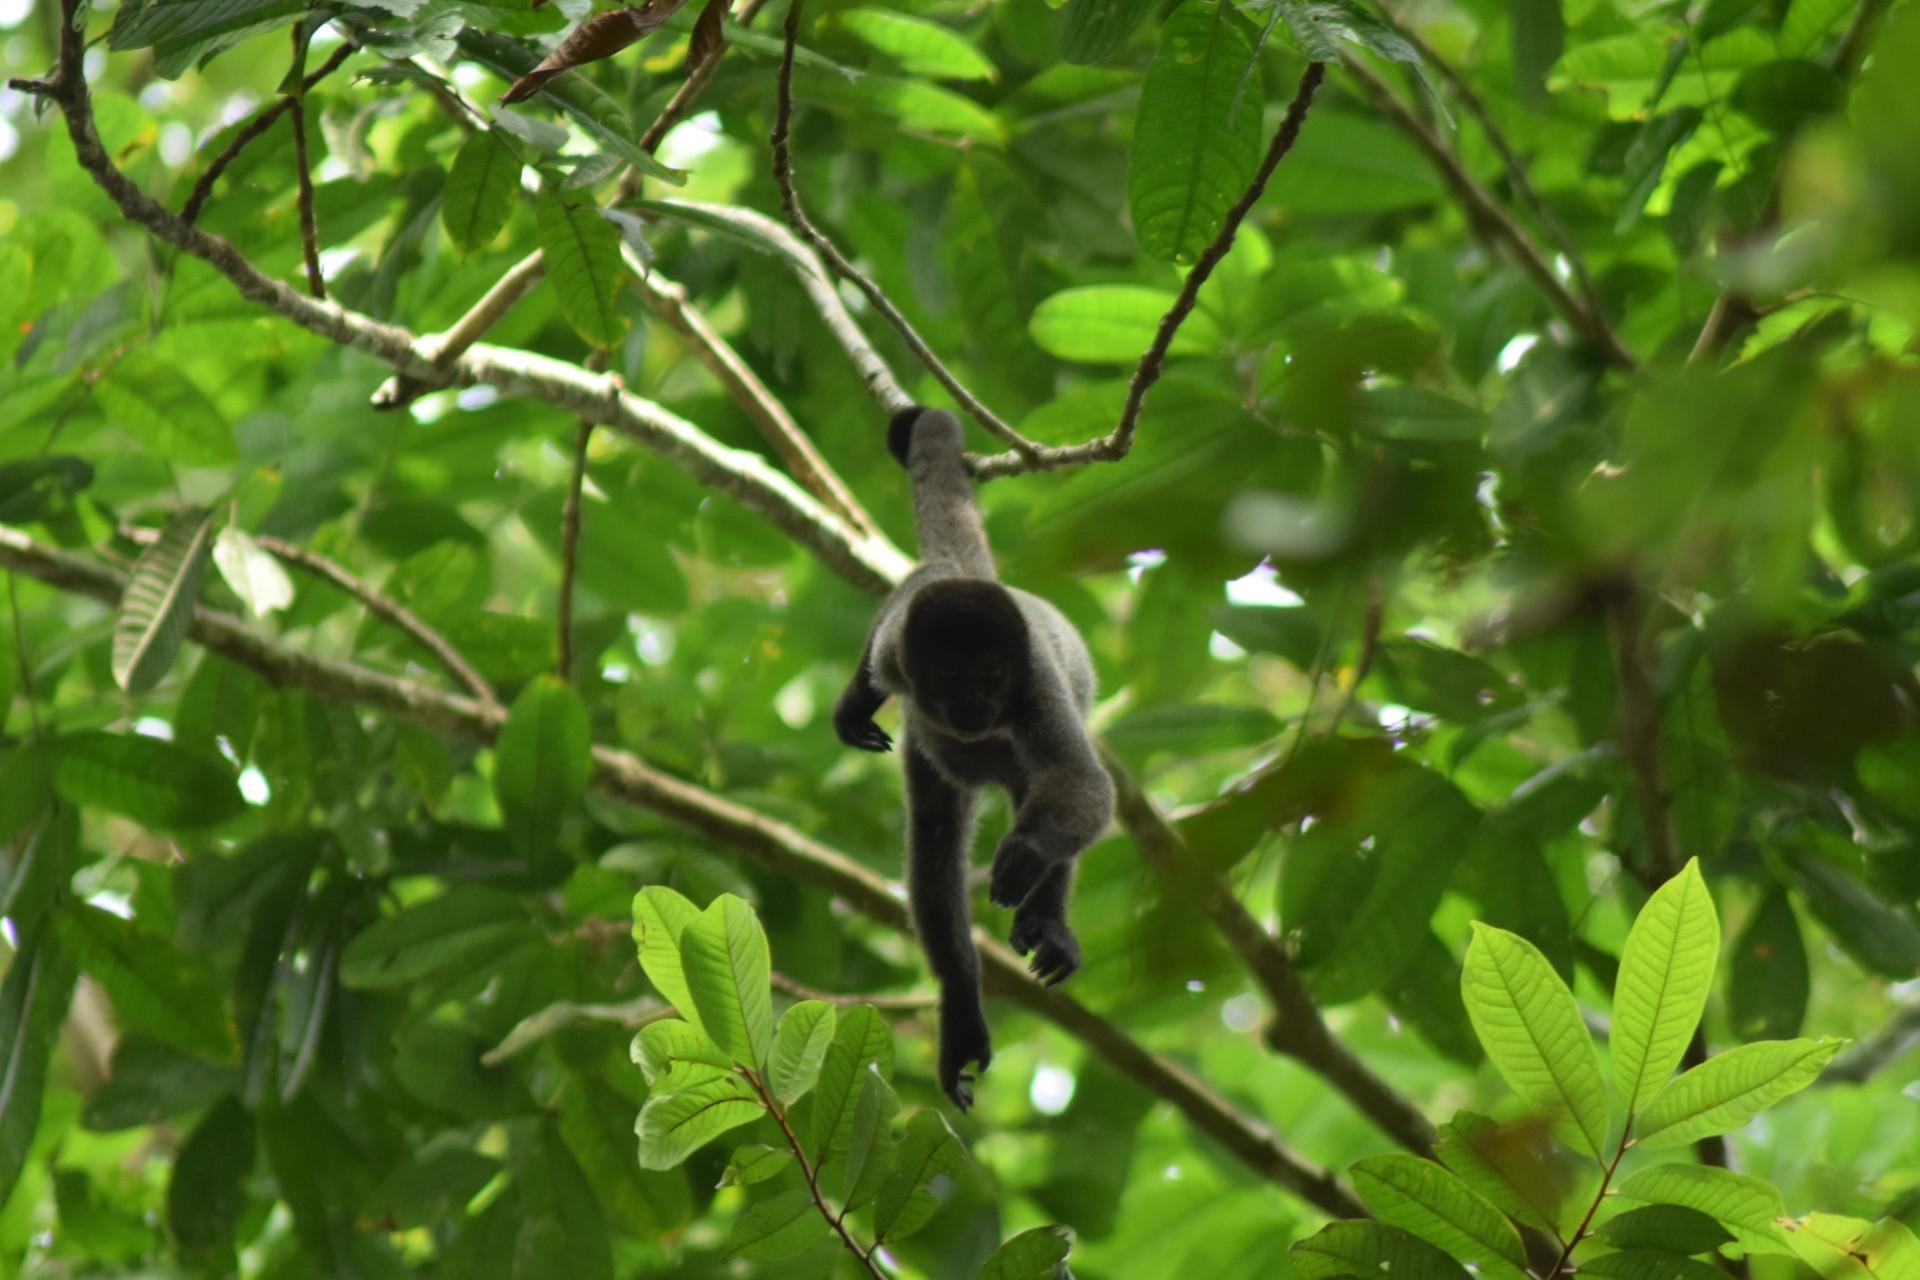 Pesquisadora estuda os hábitos alimentares de primatas na Fazenda São Nicolau (Foto: Raíssa Alves)